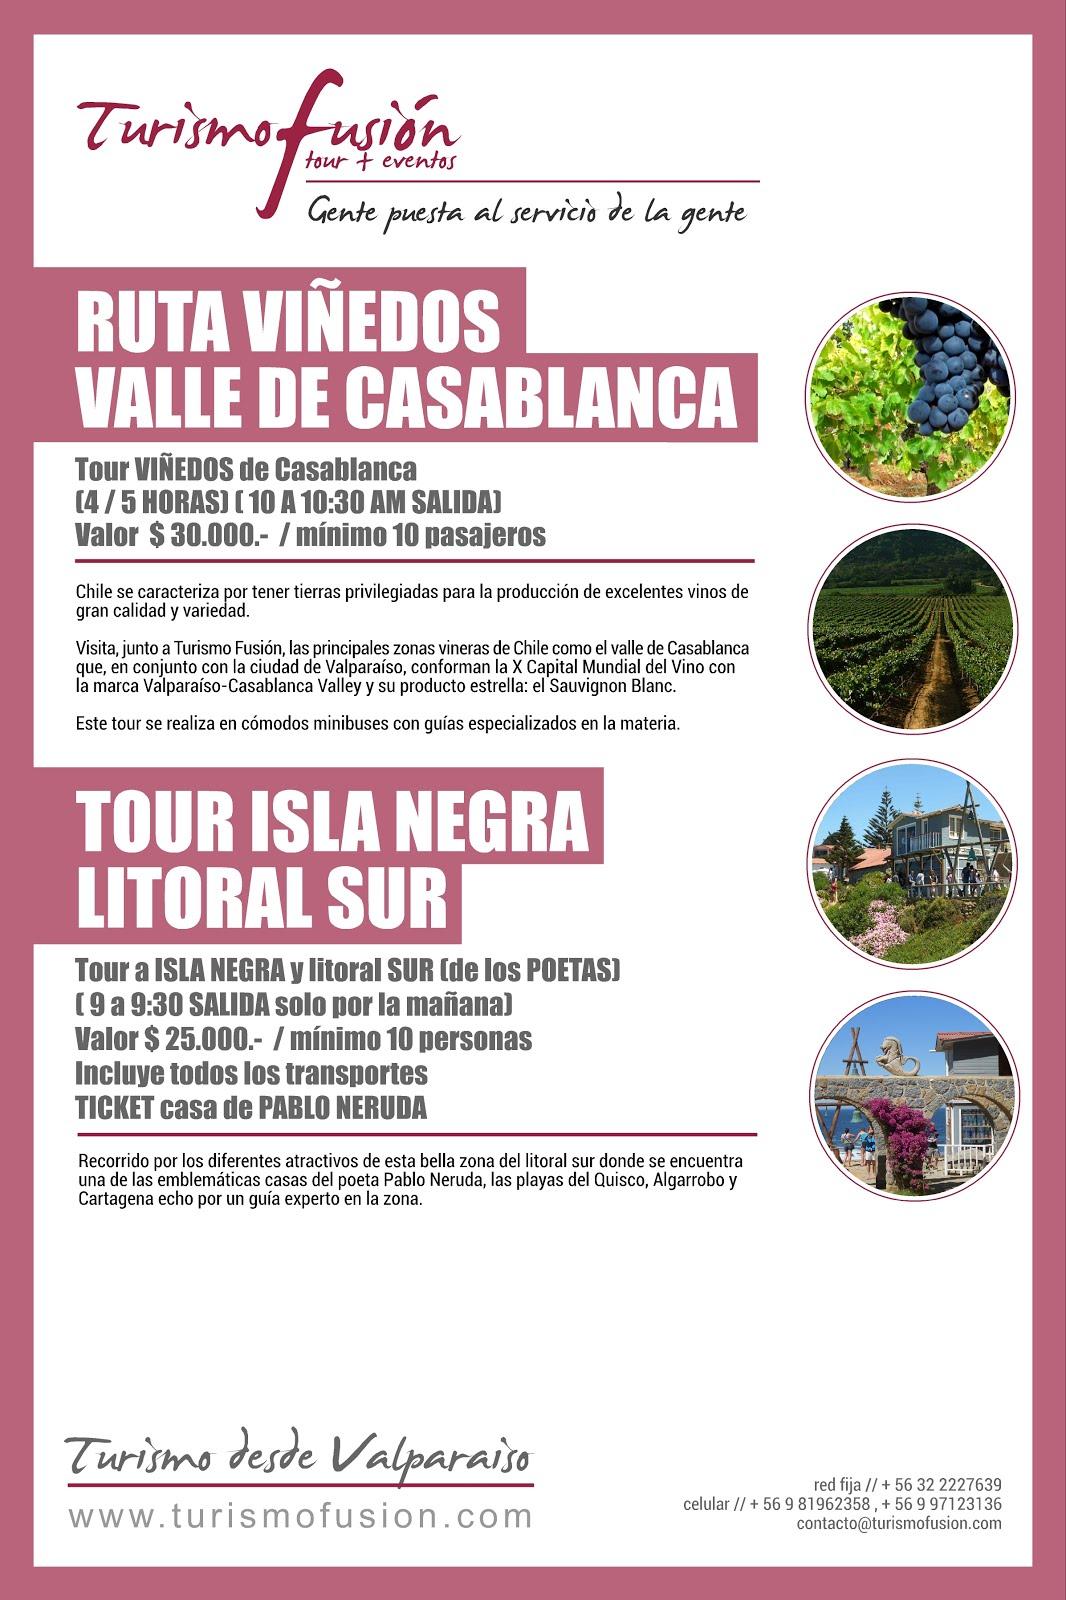 TEMPORADA TOURS 2016 / 2017